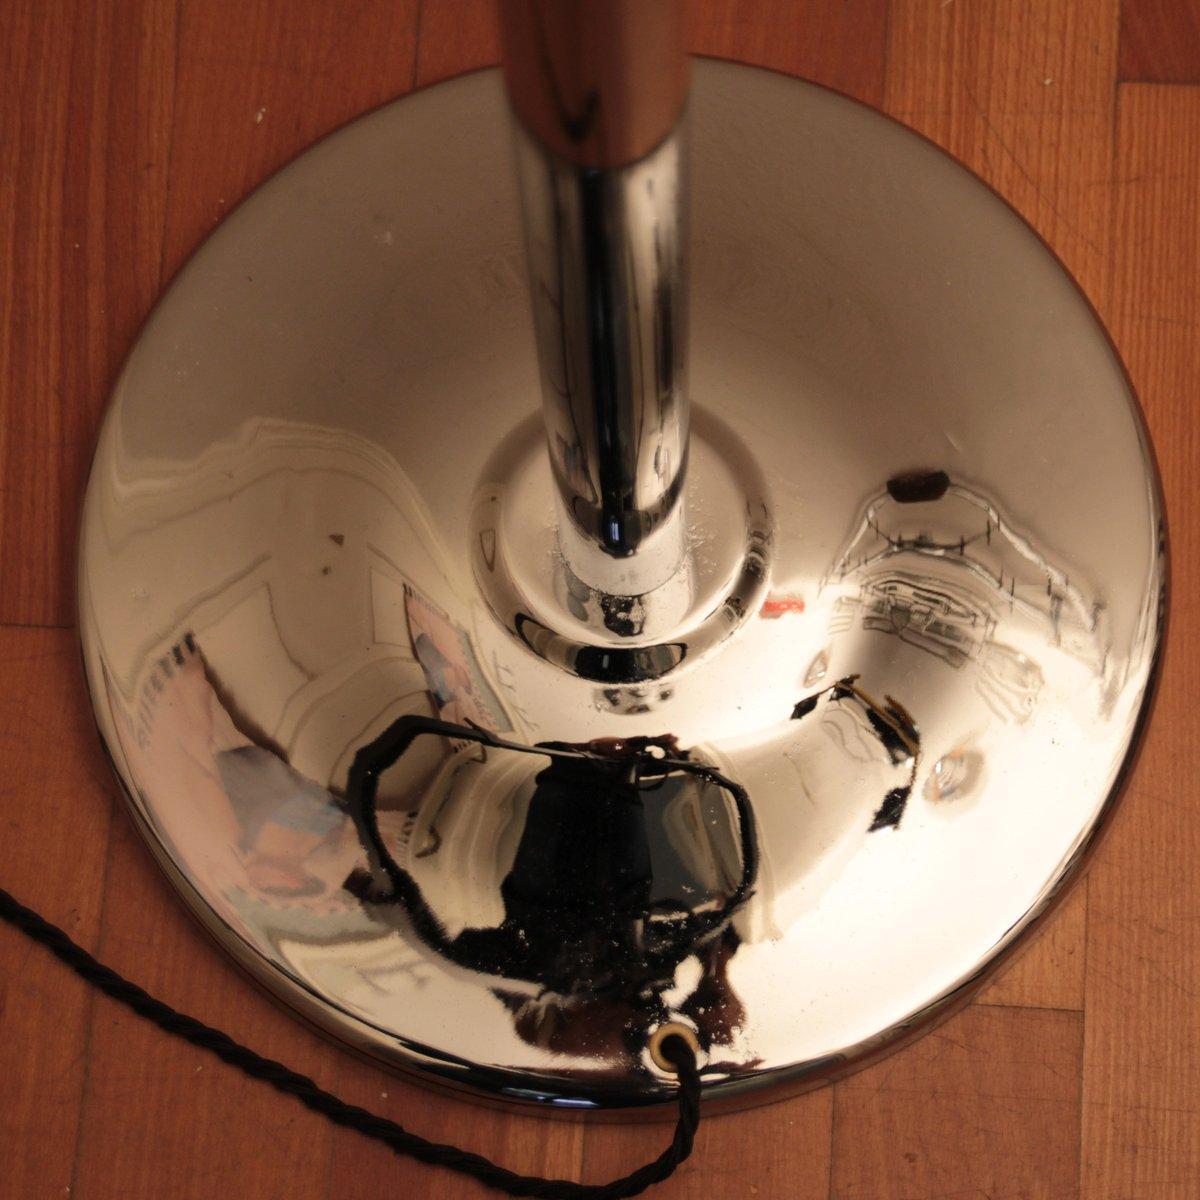 franz sische art deco stehlampe von robert mallet stevens 1932 bei pamono kaufen. Black Bedroom Furniture Sets. Home Design Ideas